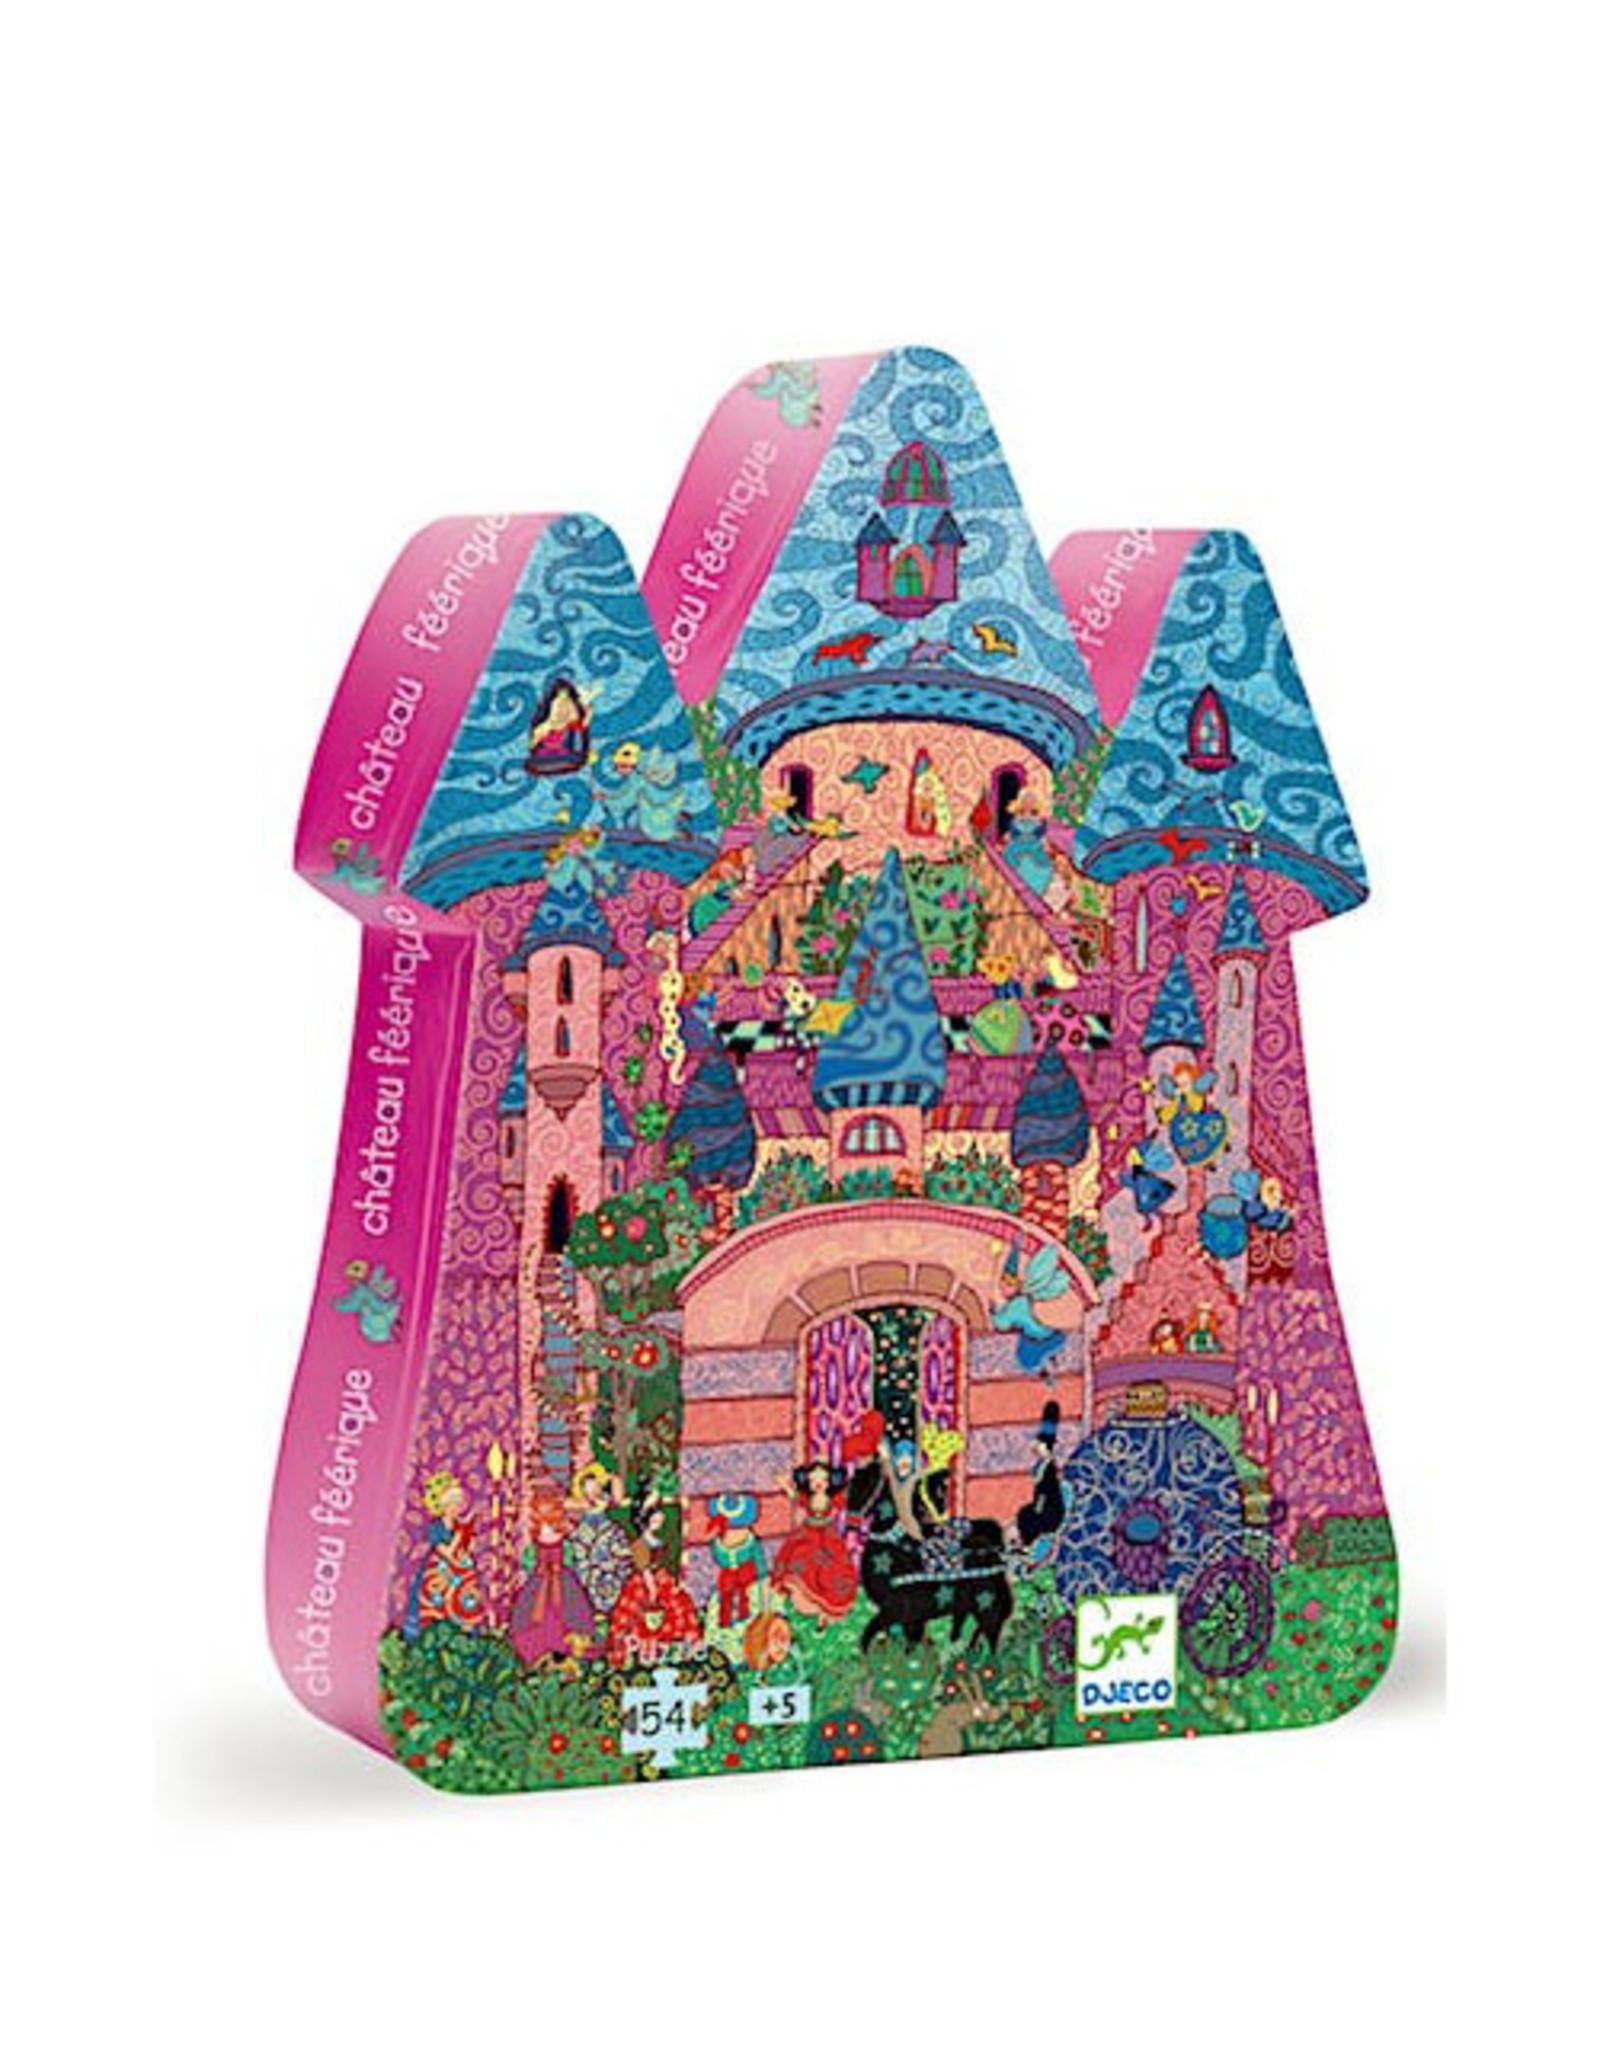 Djeco Silhouette The Fairy Castle